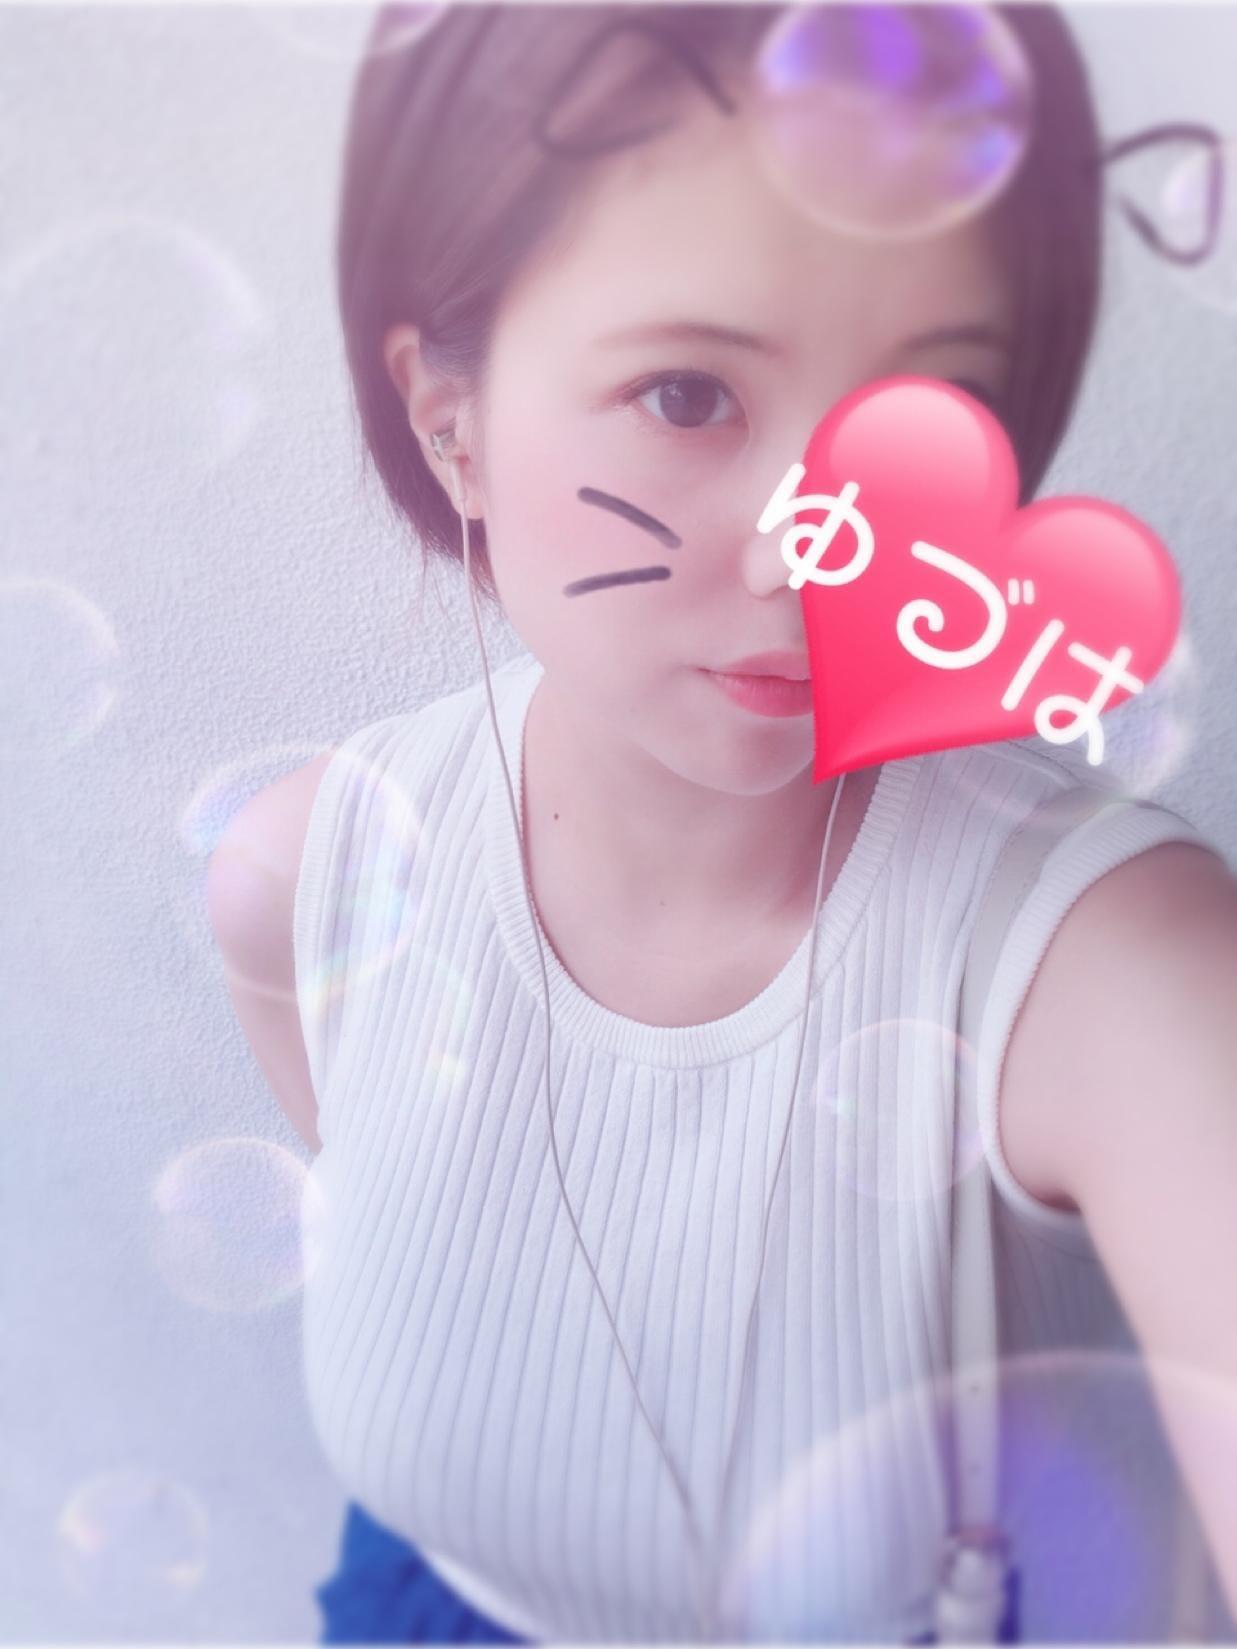 「出勤&おれい♡」06/12(06/12) 12:58 | ゆづはの写メ・風俗動画